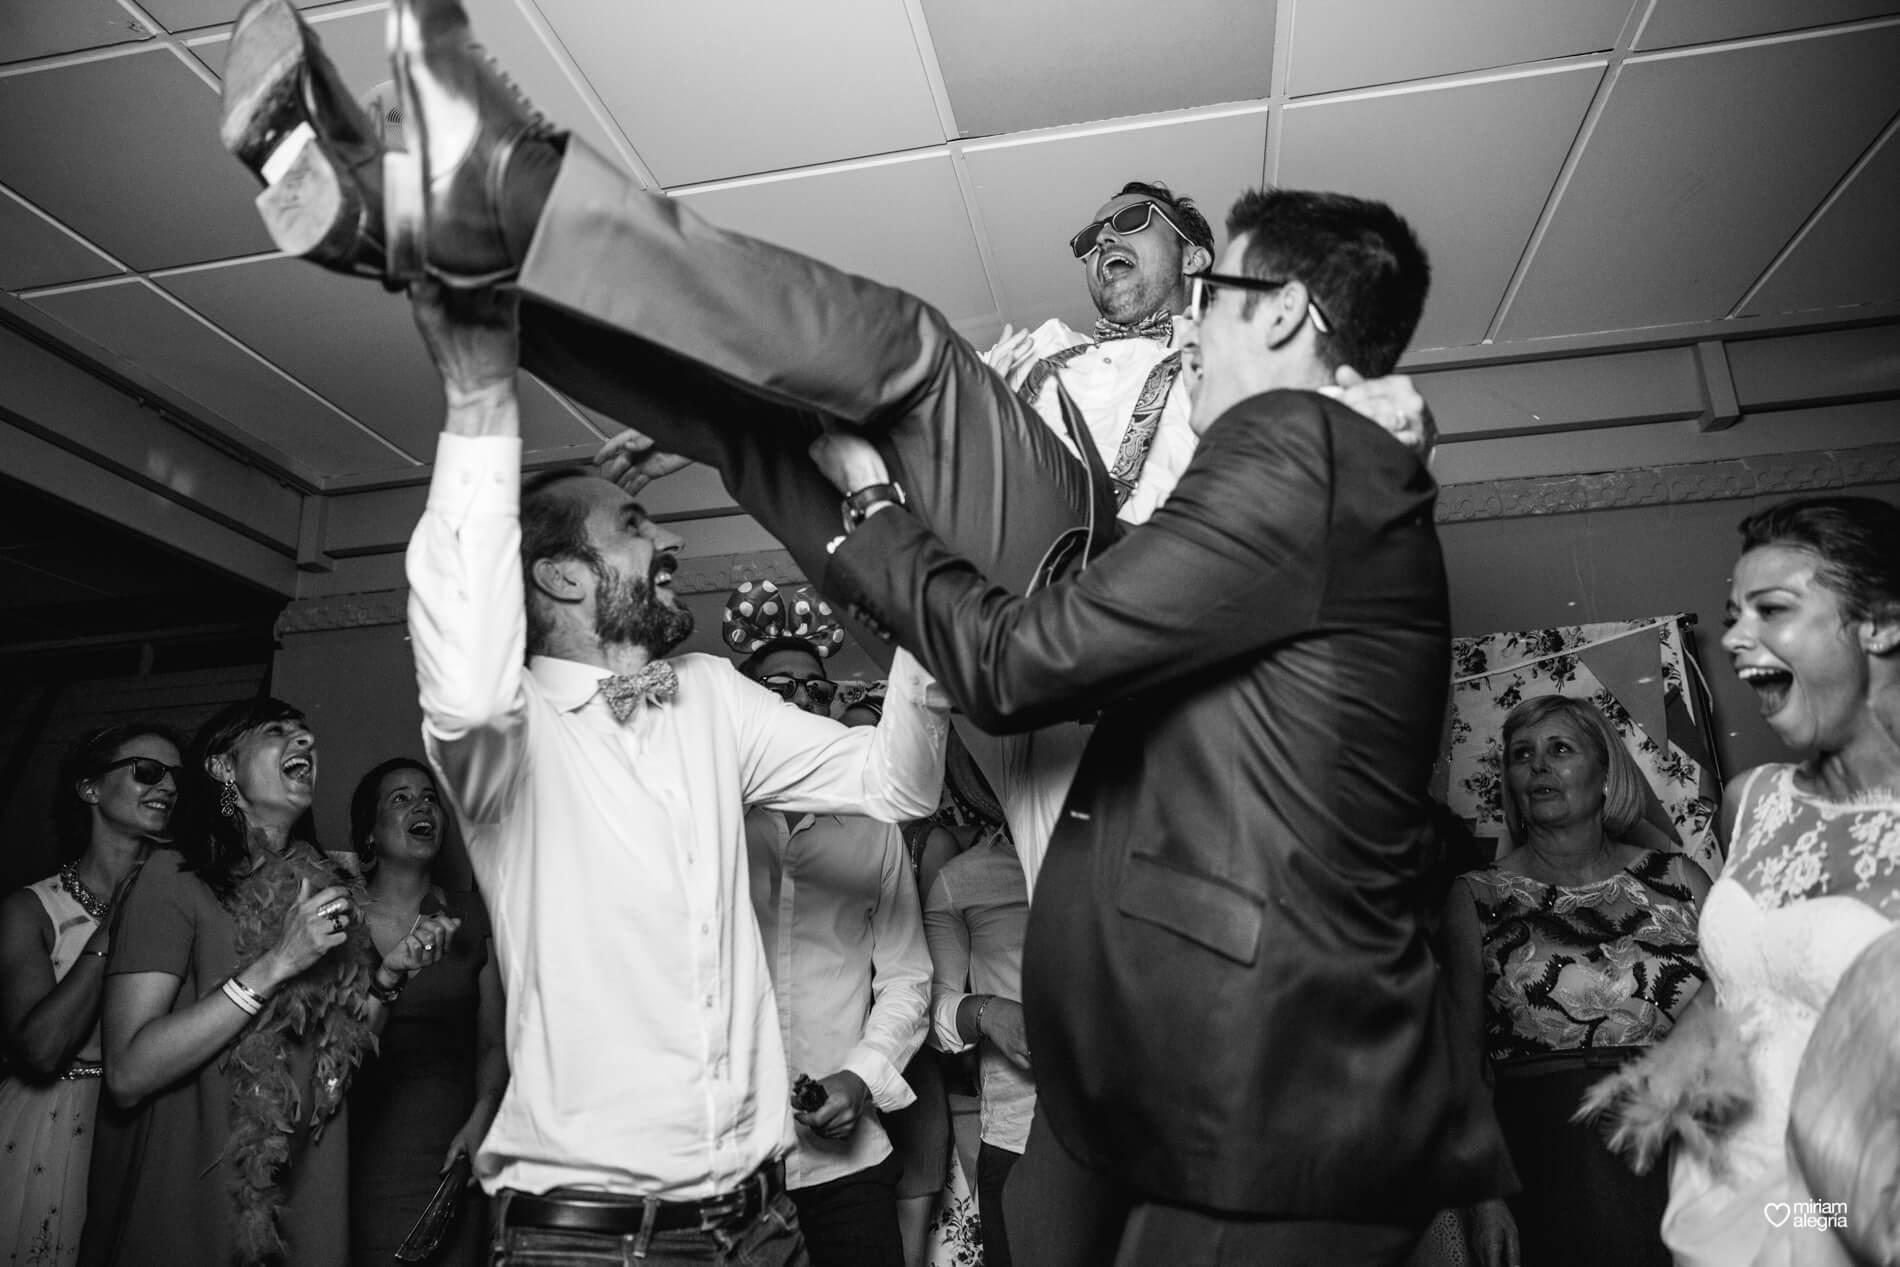 wedding-huerto-del-cura-elche-miriam-alegria-fotografos-boda-117